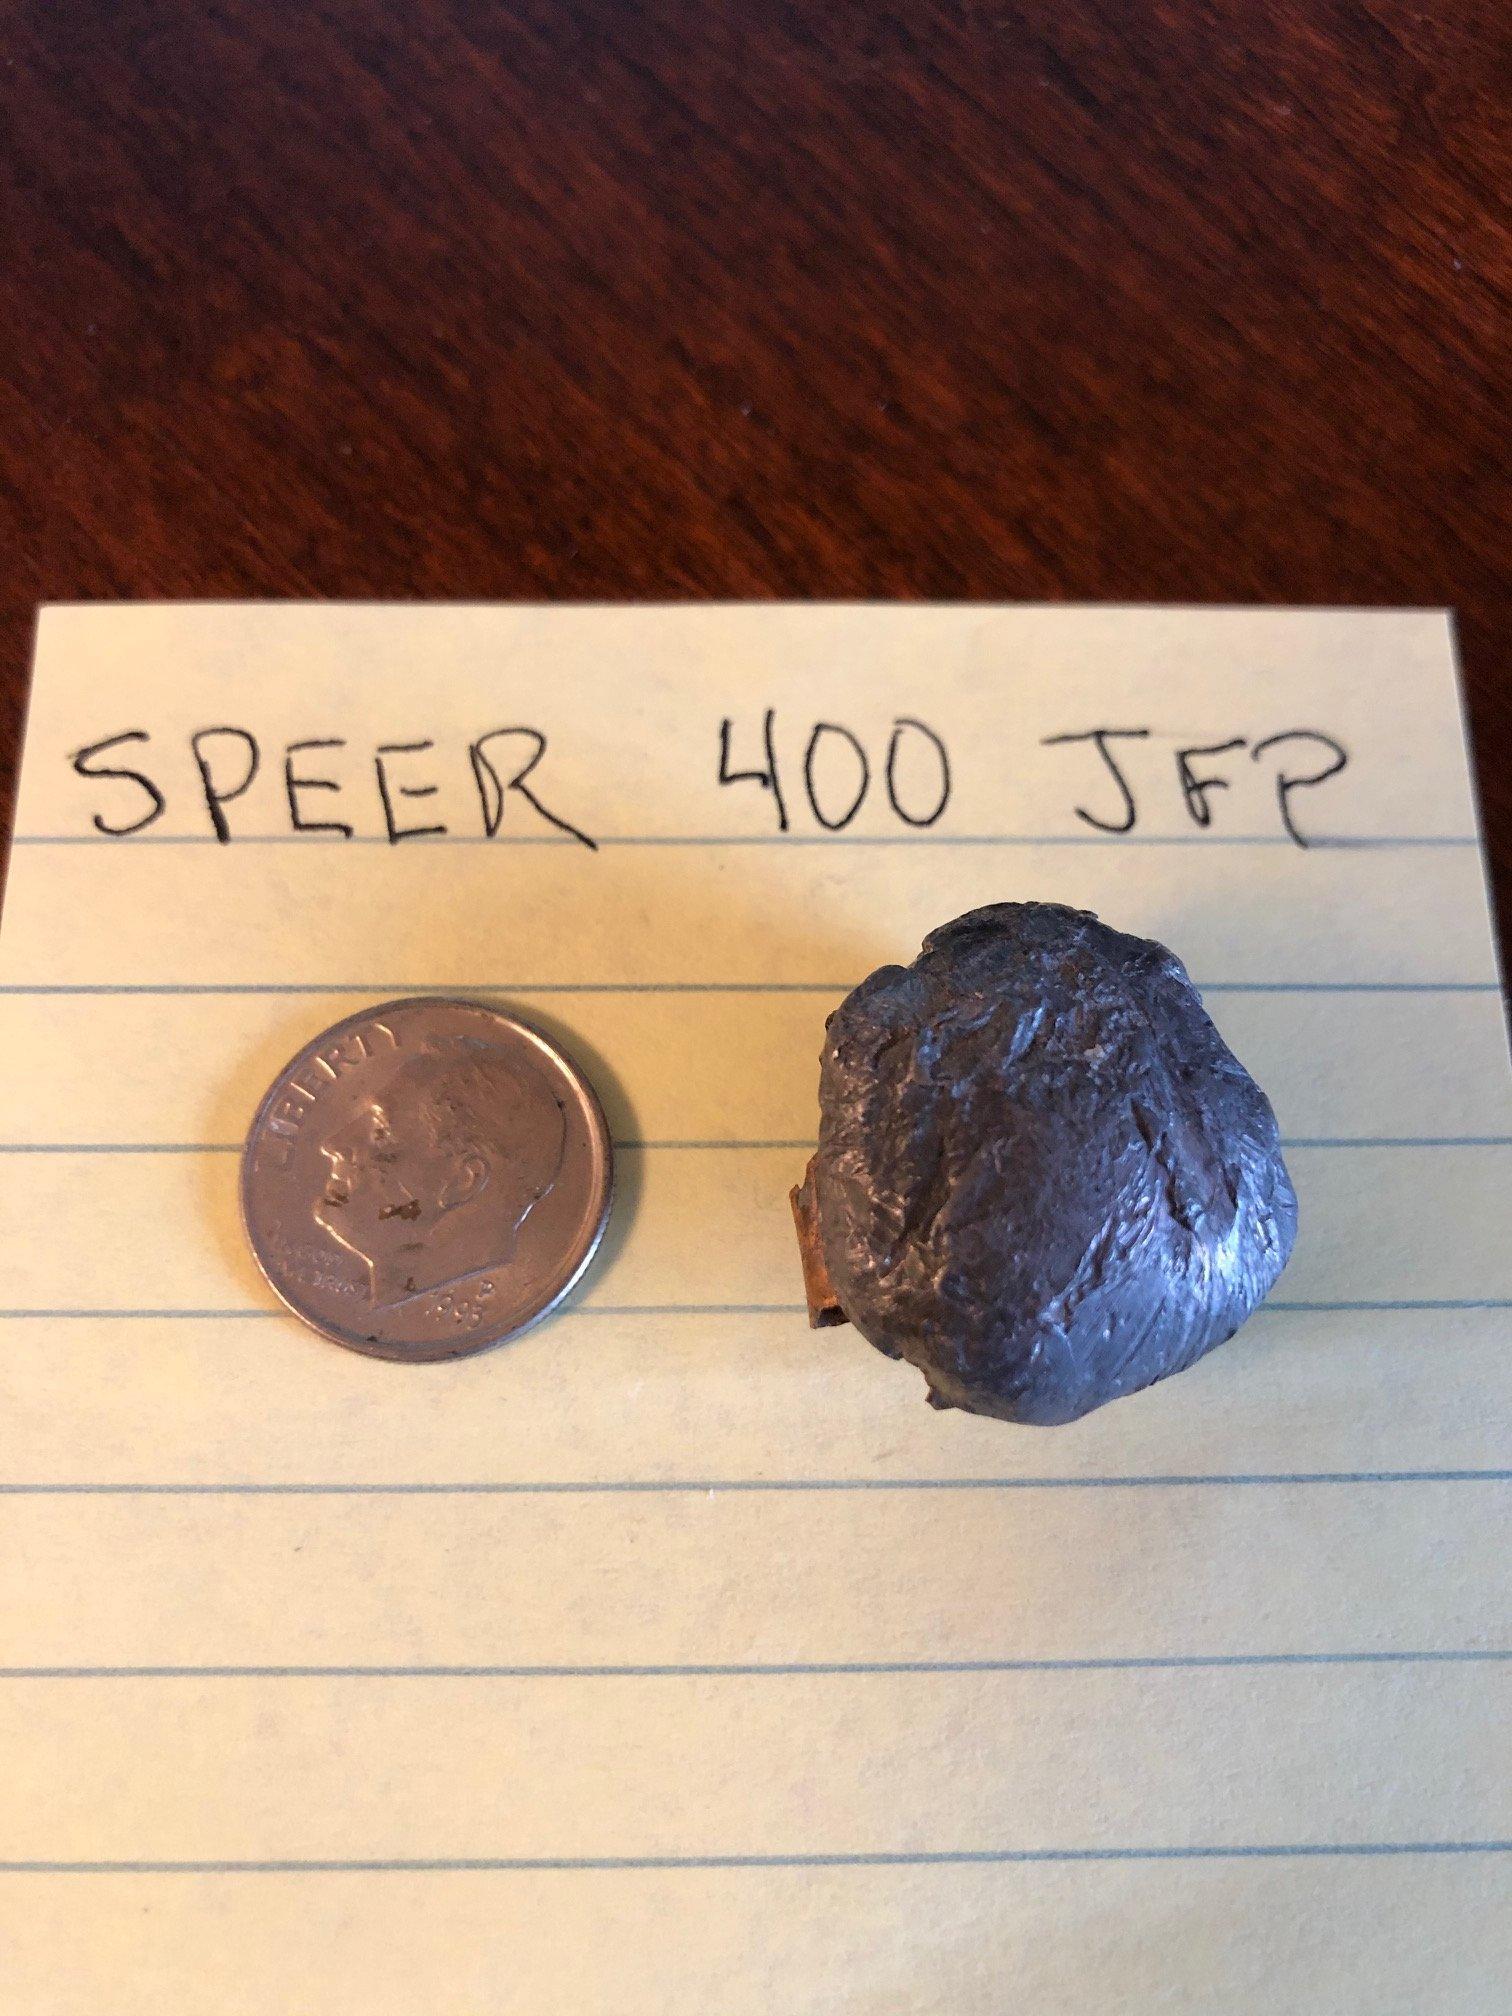 Speer 400 JFP 1.jpg